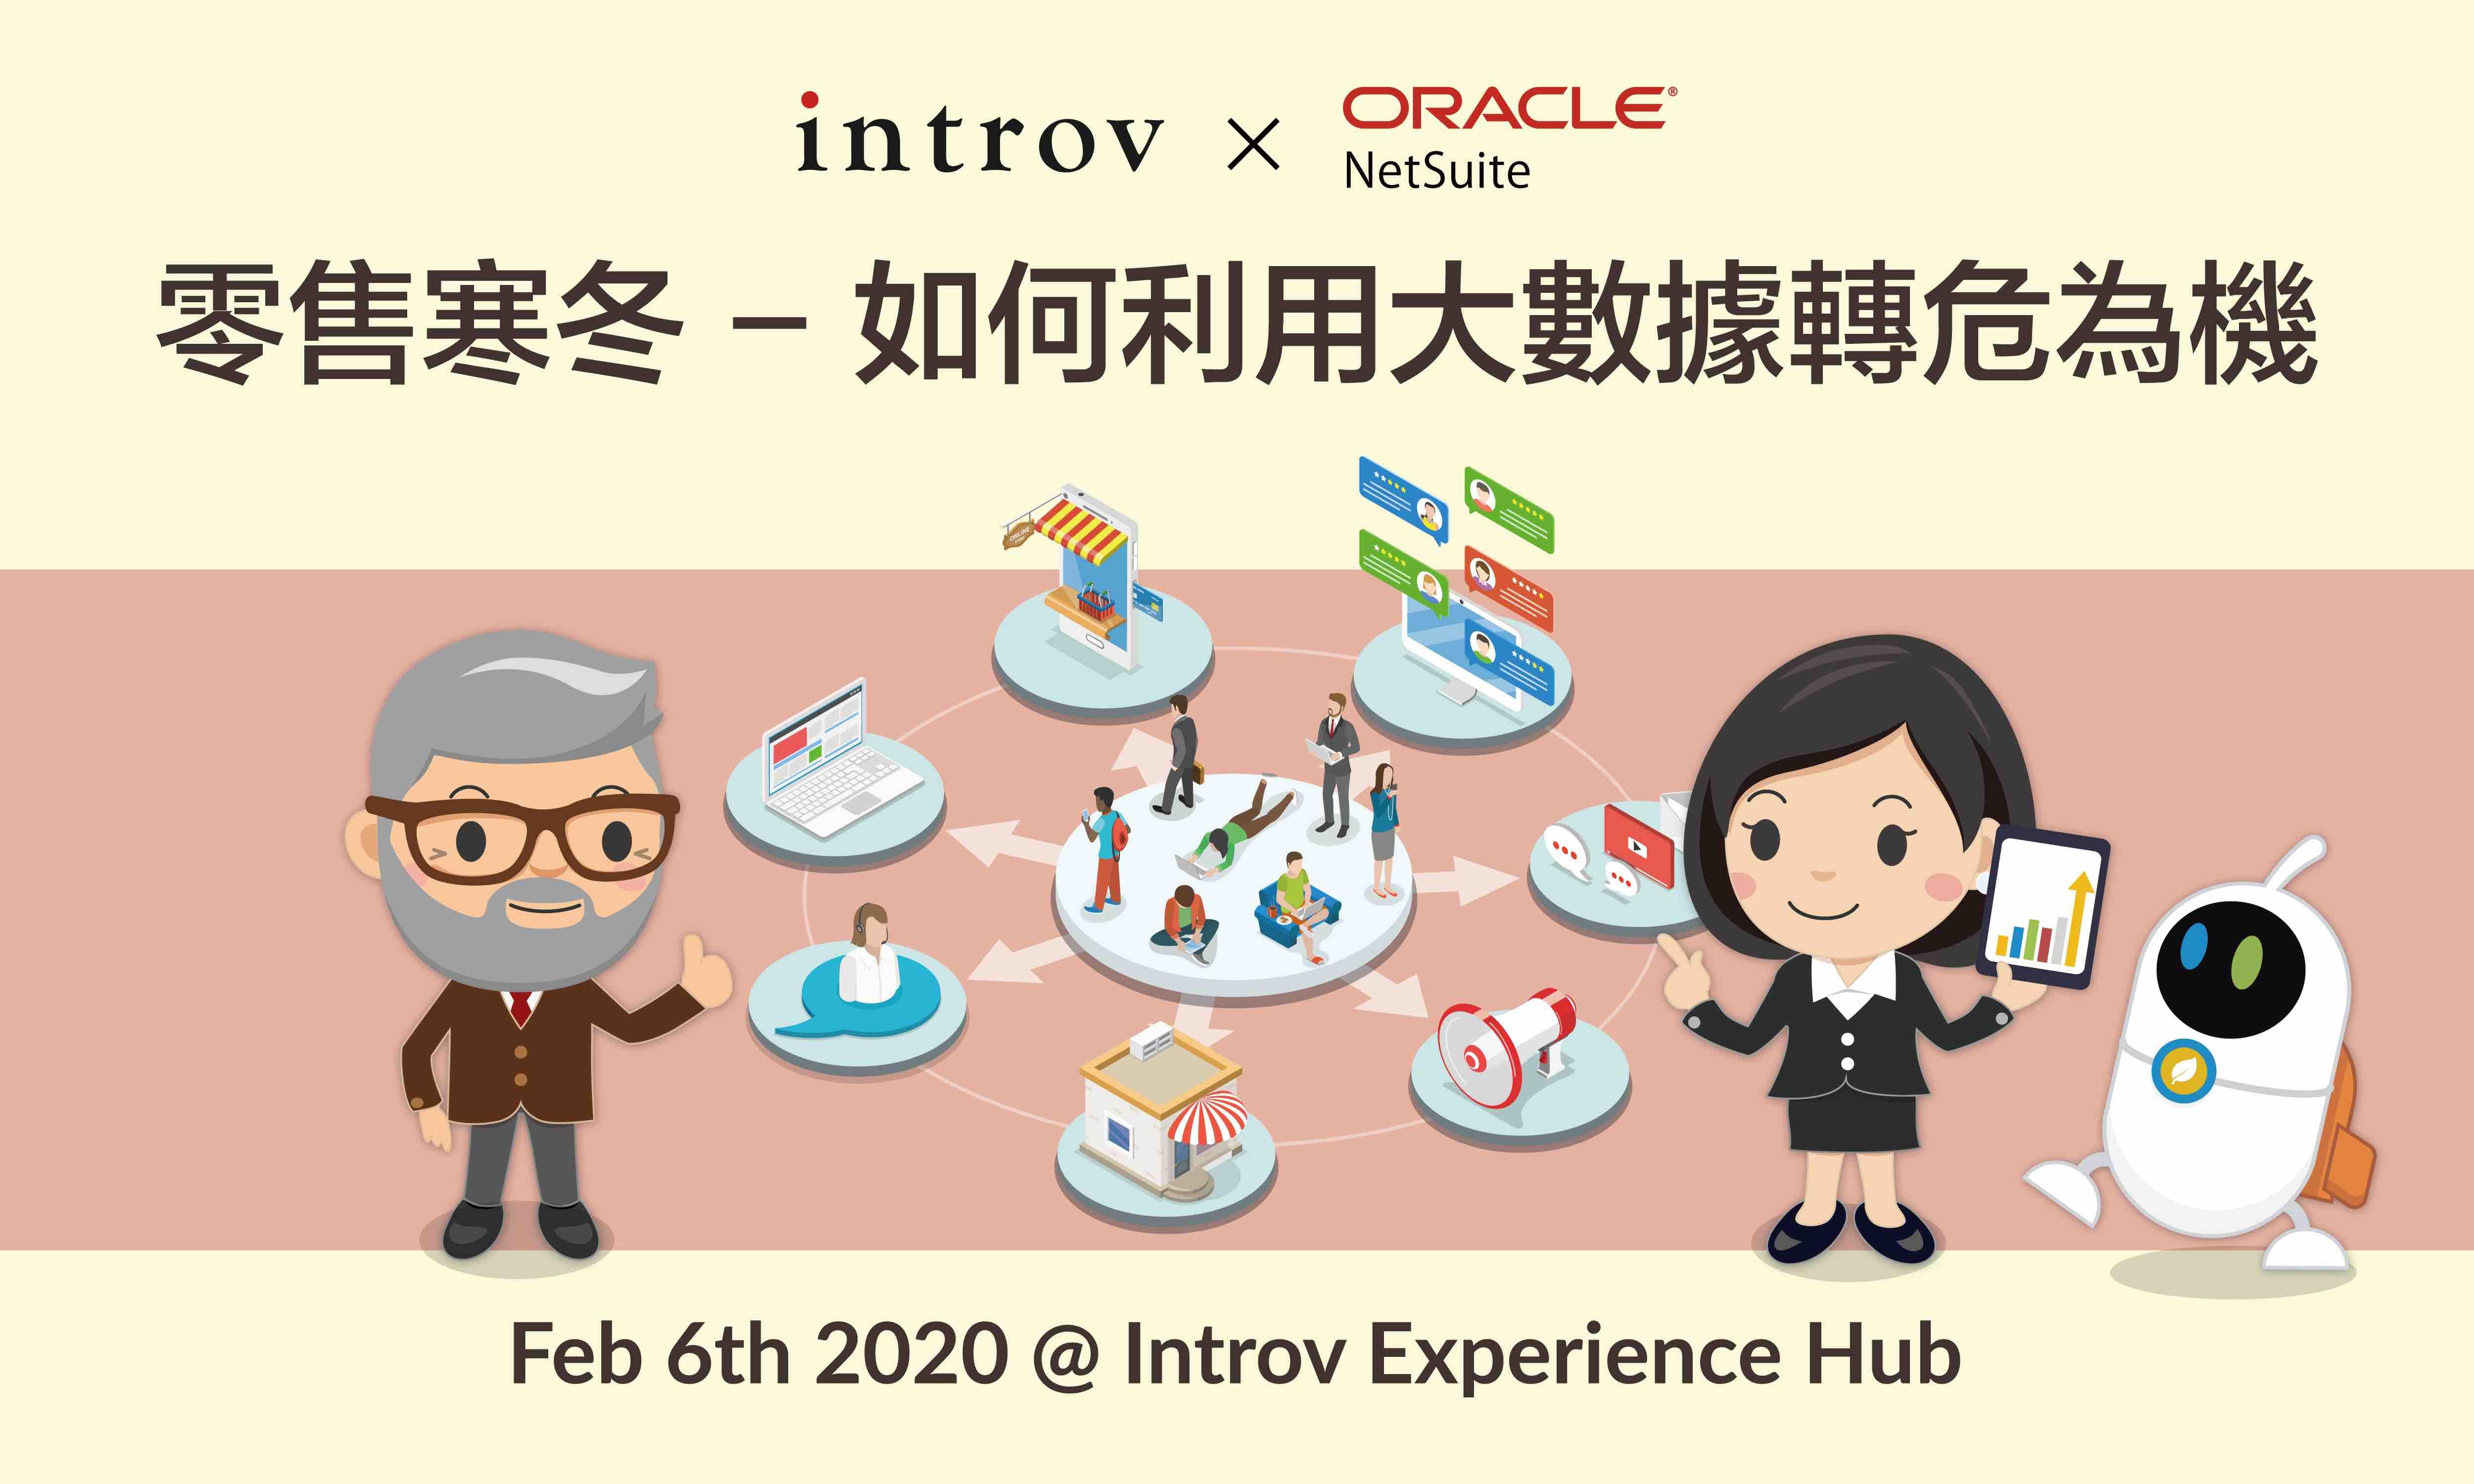 零售寒冬 — 如何利用大數據轉危為機 (February 6th, 2020)